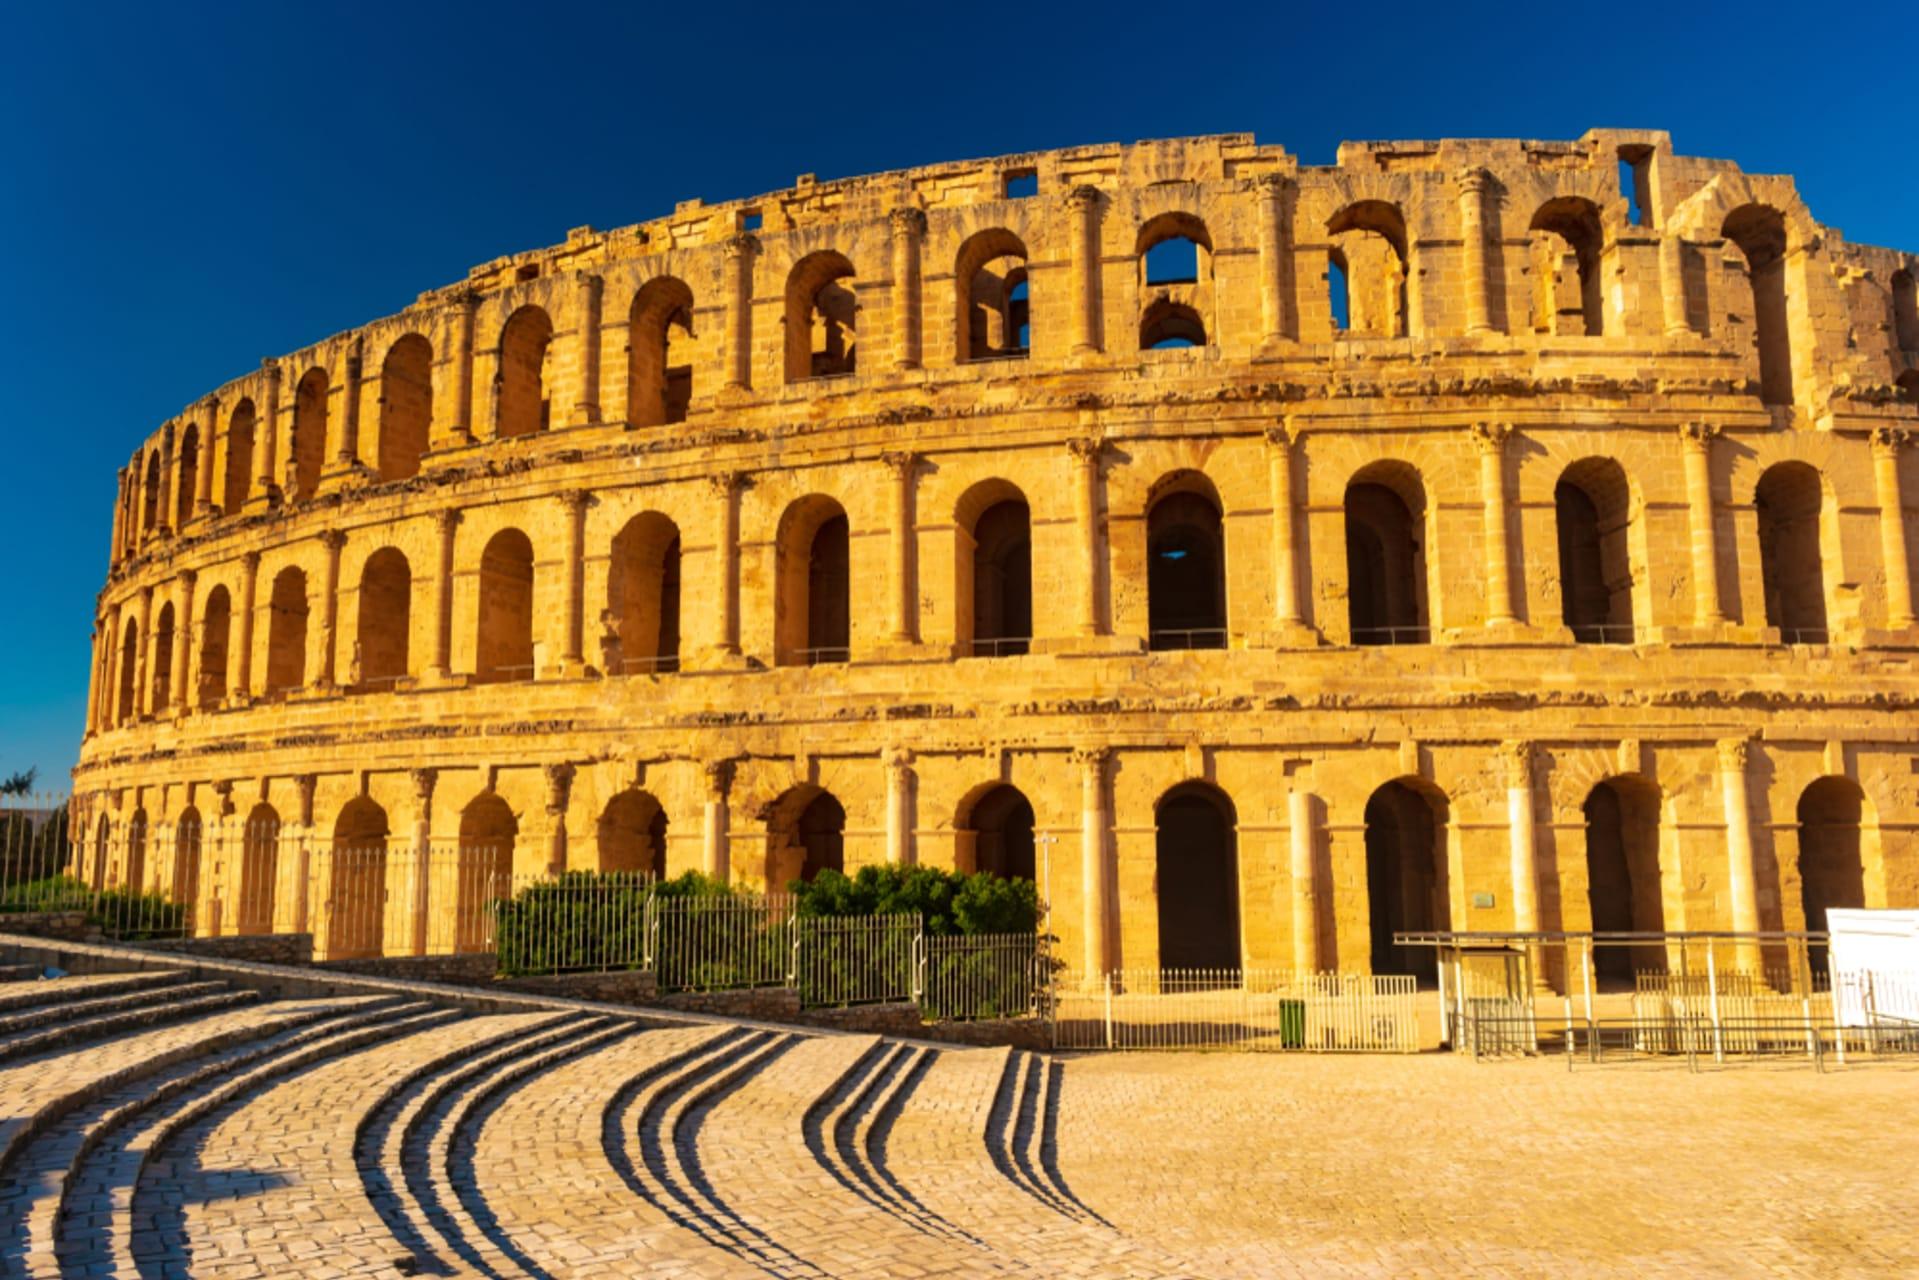 El Jem - The Amphitheatre of El Jem